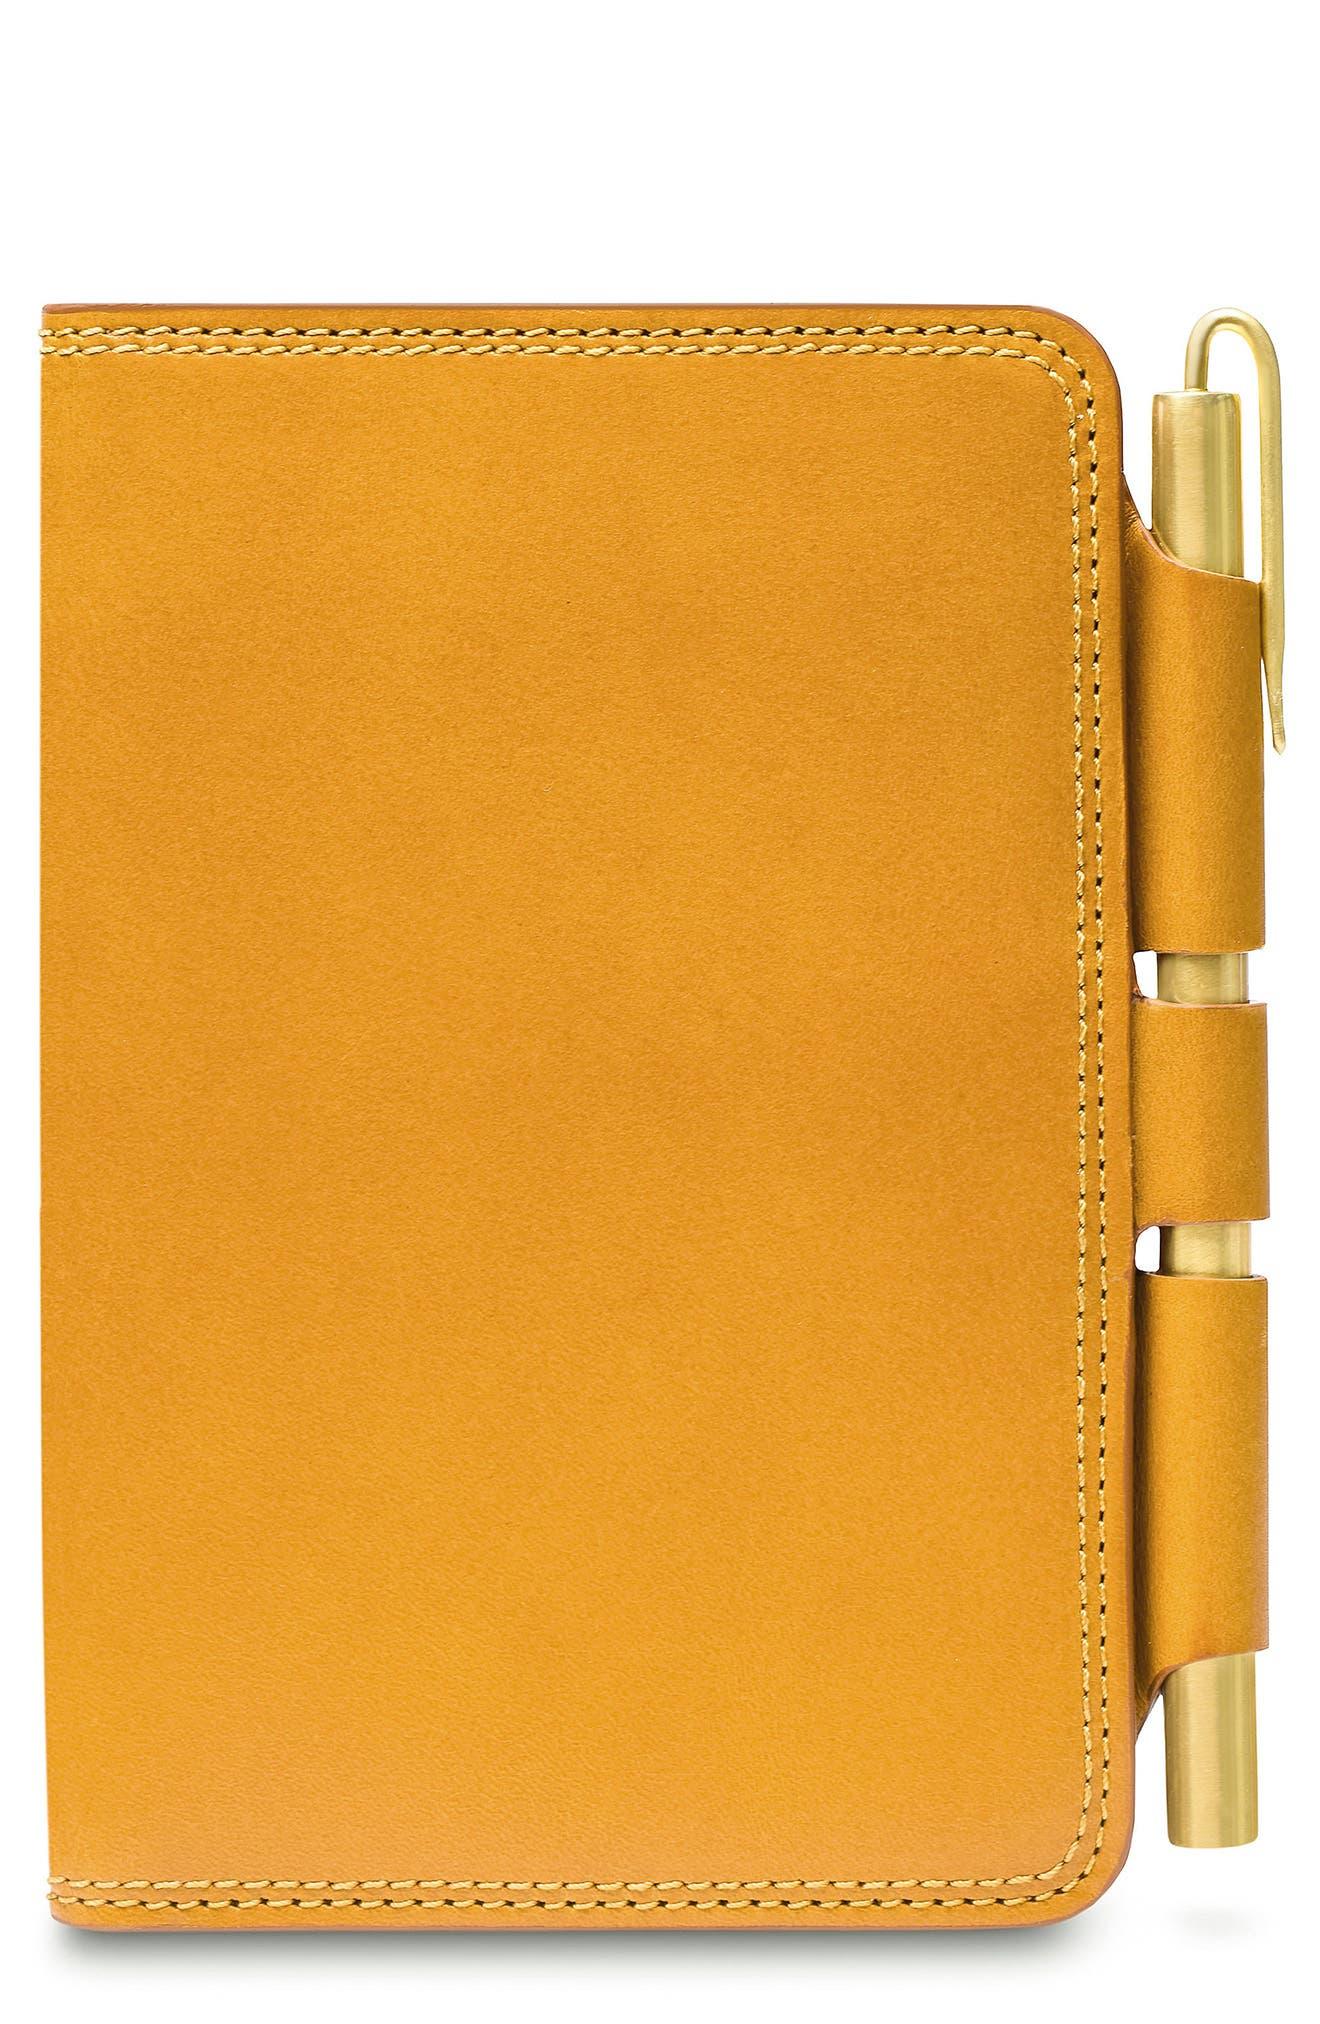 Italo Leather Field Journal